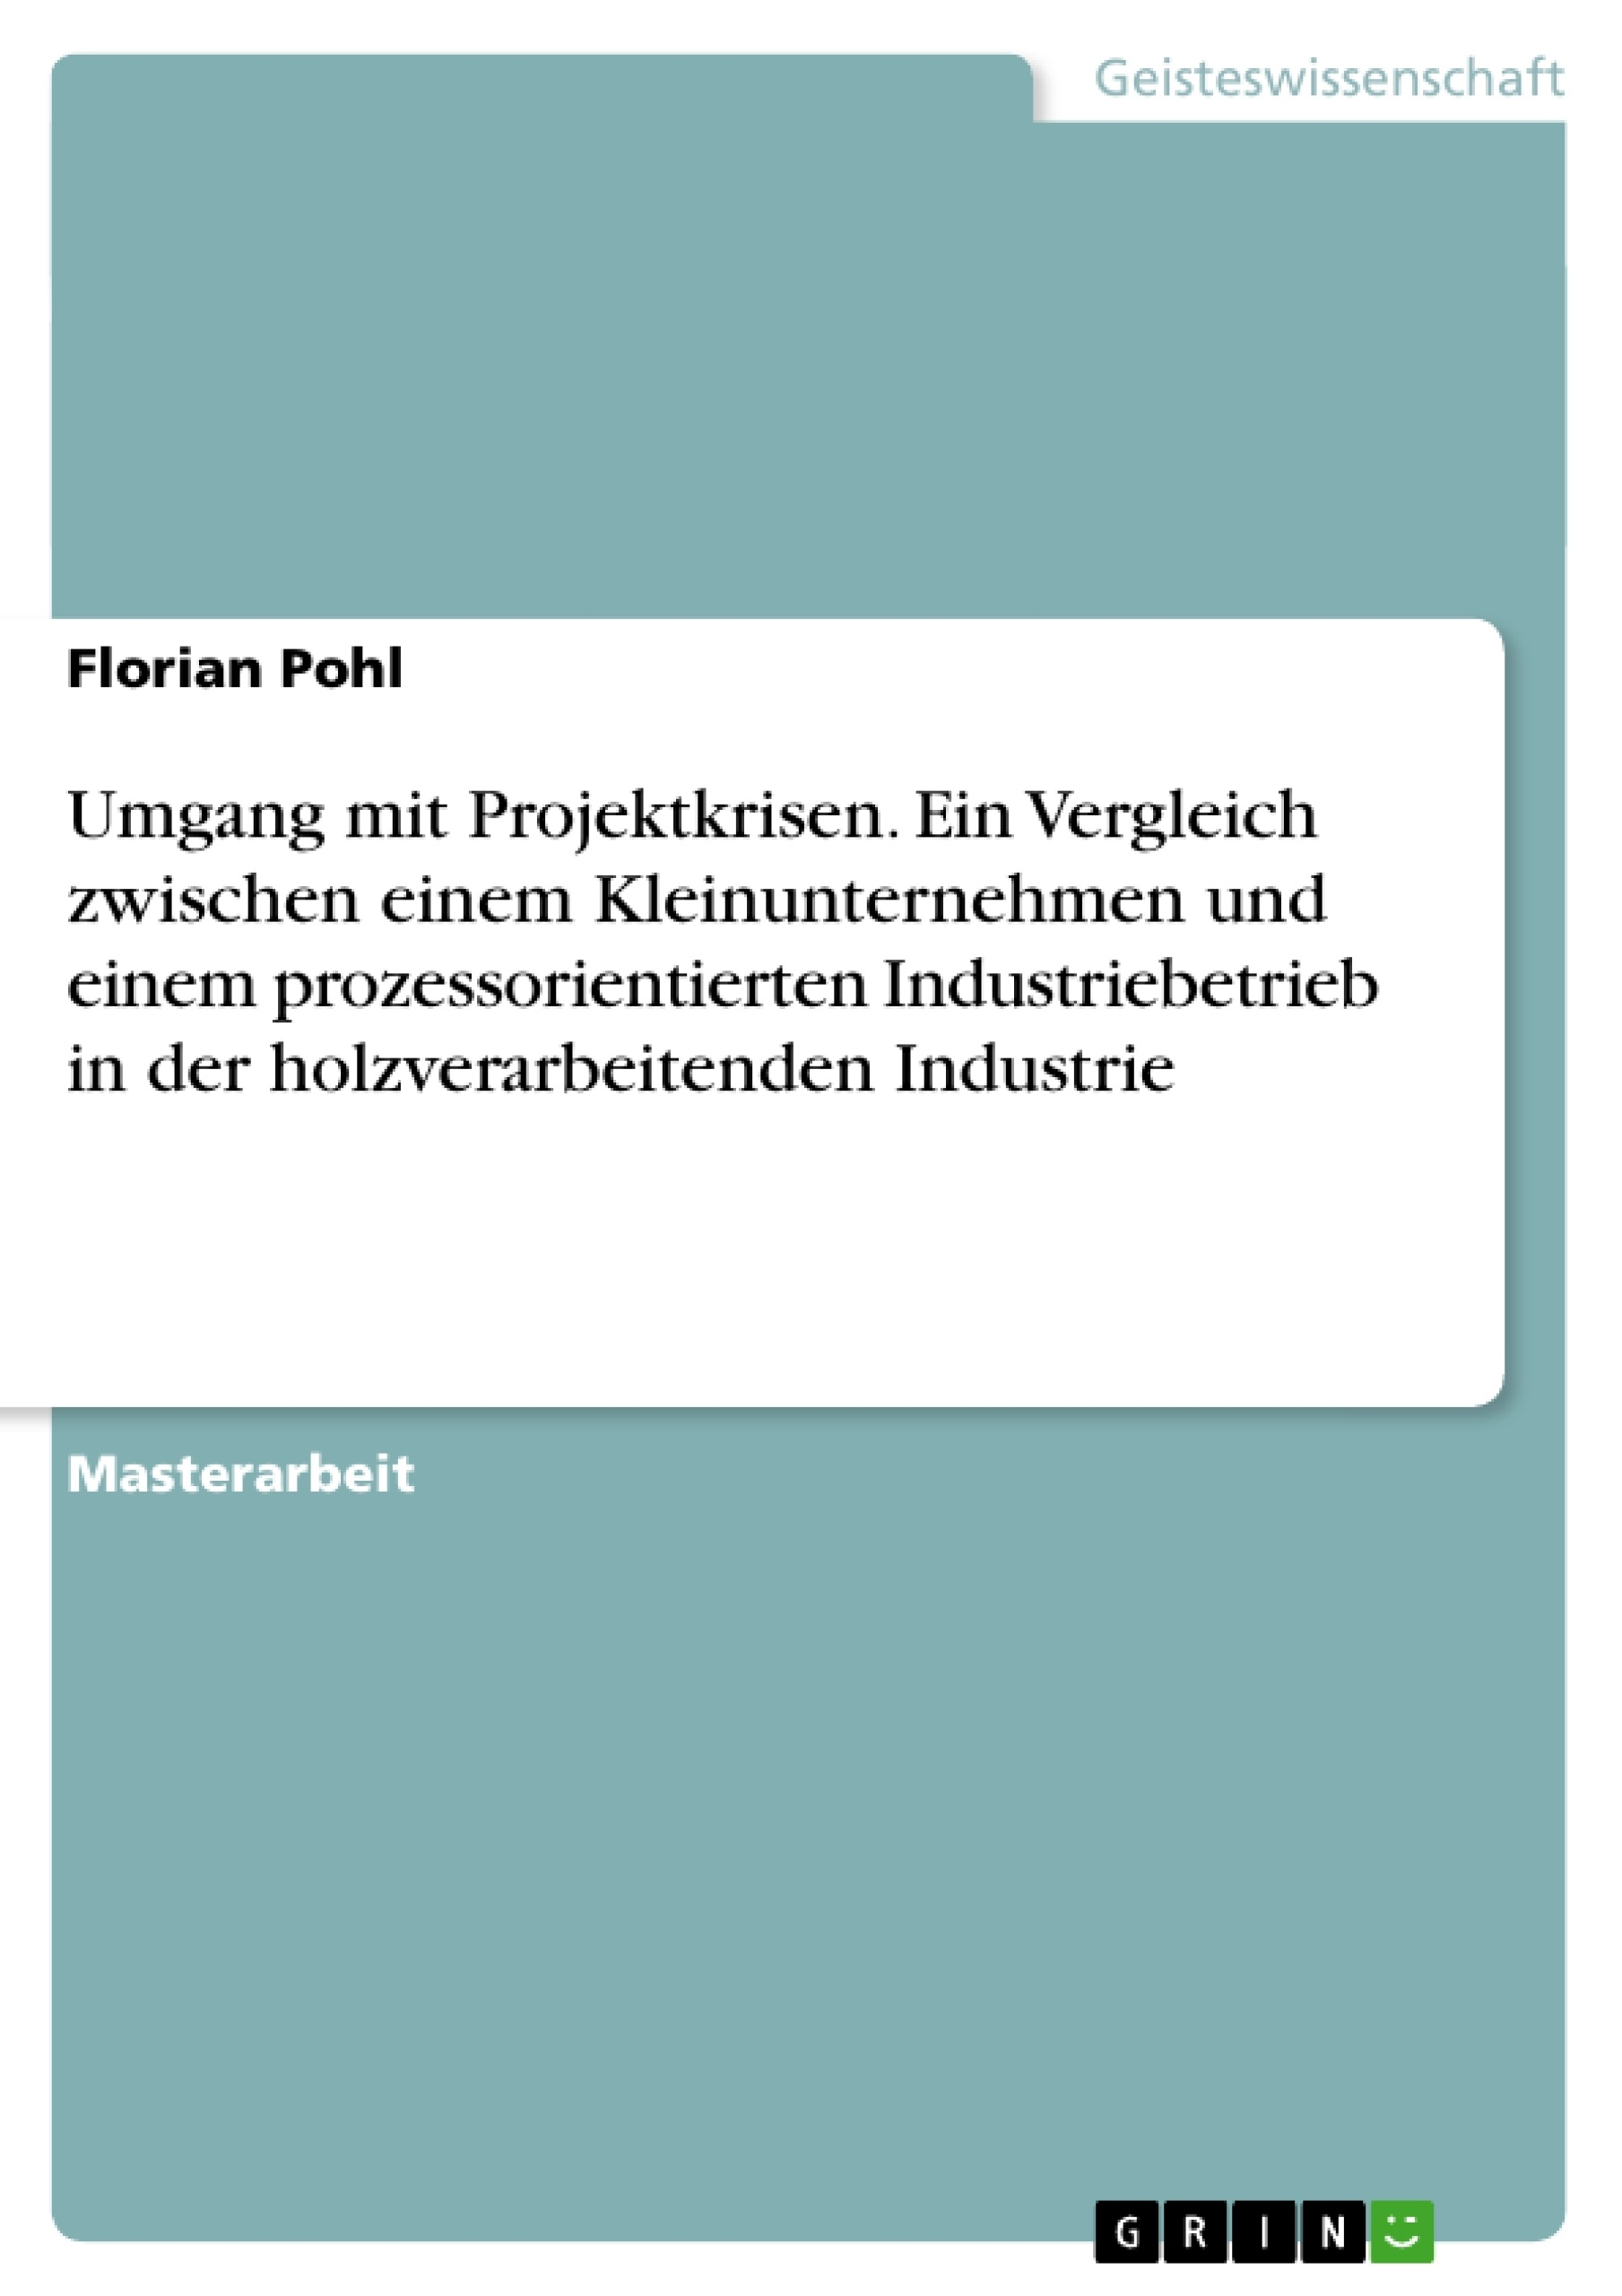 Titel: Umgang mit Projektkrisen. Ein Vergleich zwischen einem Kleinunternehmen und einem prozessorientierten Industriebetrieb in der holzverarbeitenden Industrie